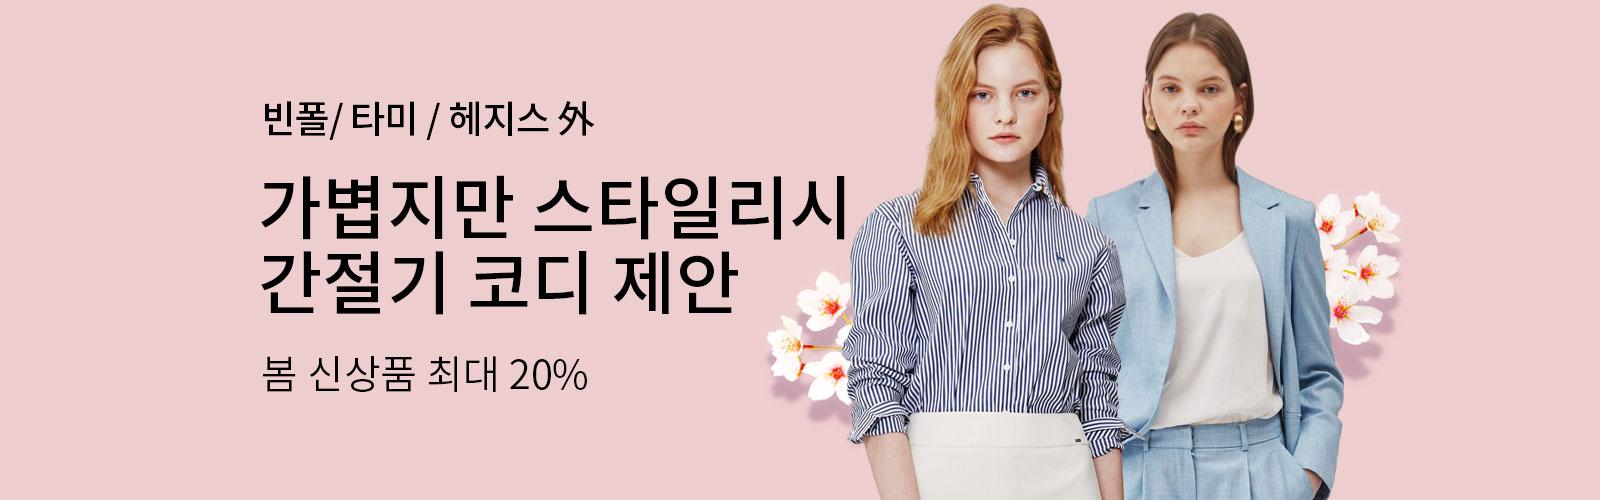 빈폴/타미/헤지스 外 가볍지만 스타일리시한 간절기 코디 제안 봄 신상품 최대 20%